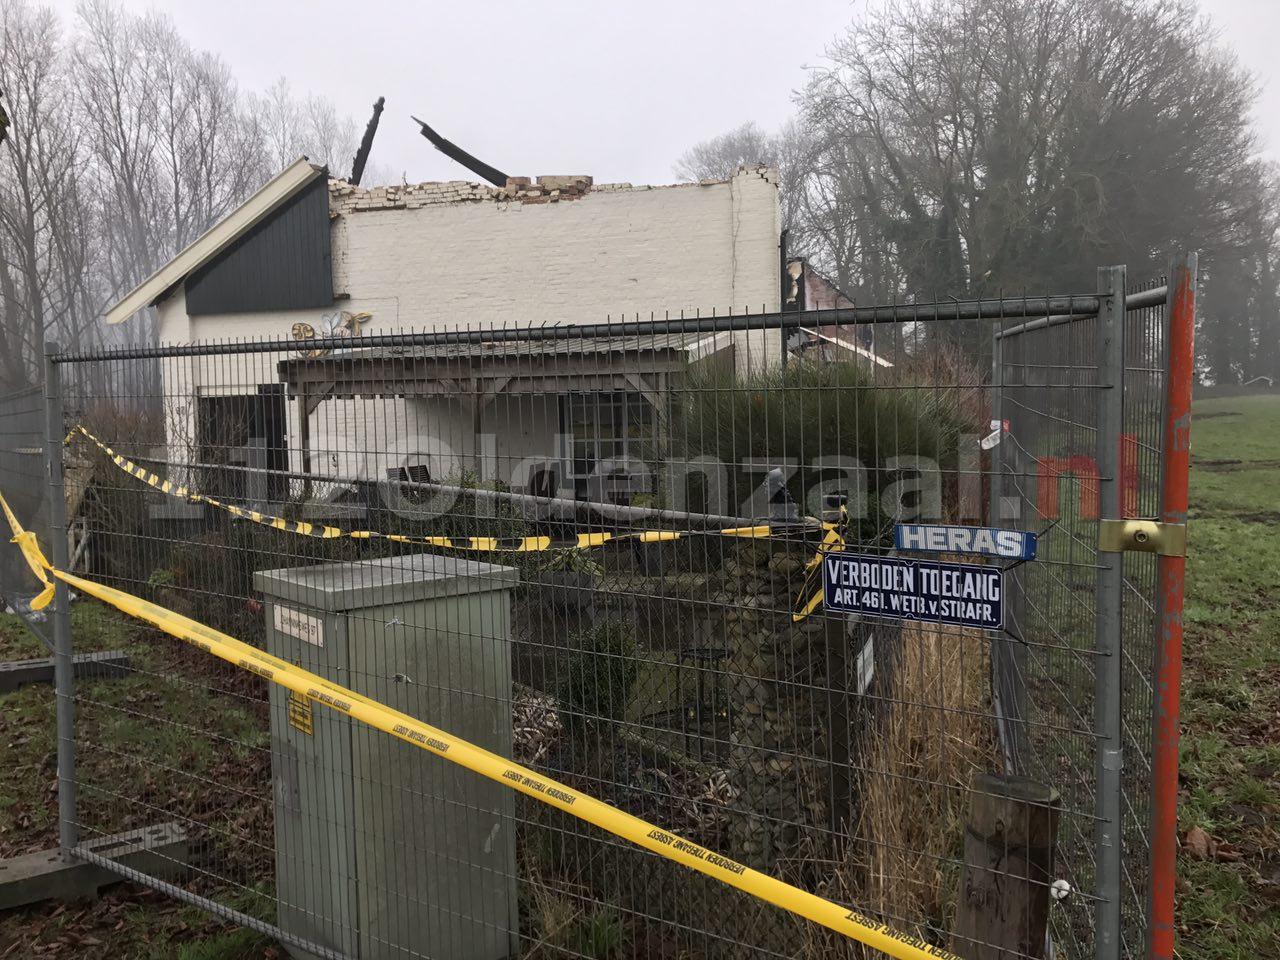 Foto 3: Grote brand woonboerderij Denekamp; Ravage goed zichtbaar bij daglicht